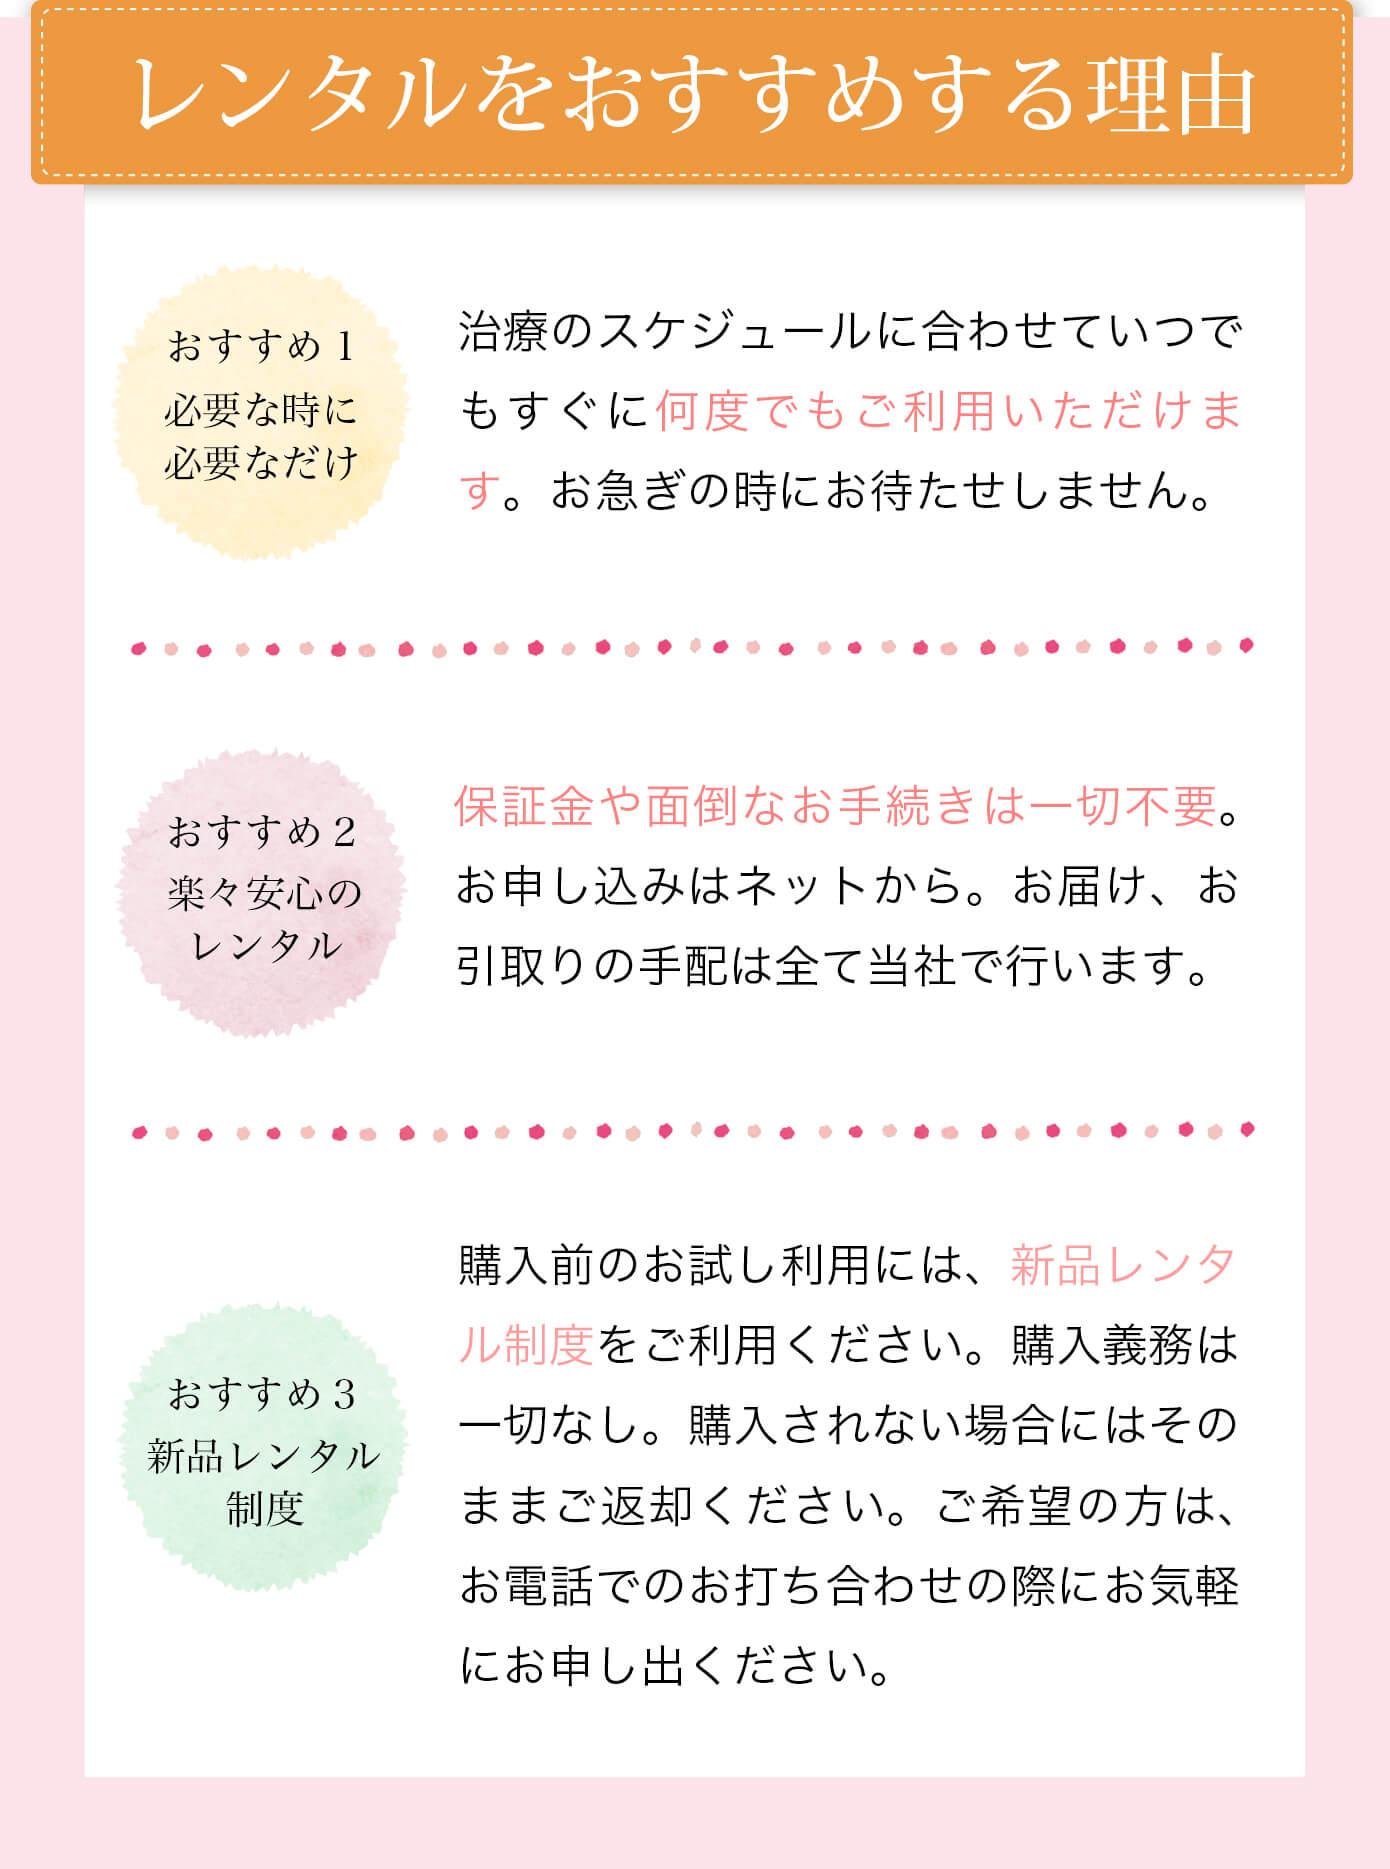 サンマット紹介6